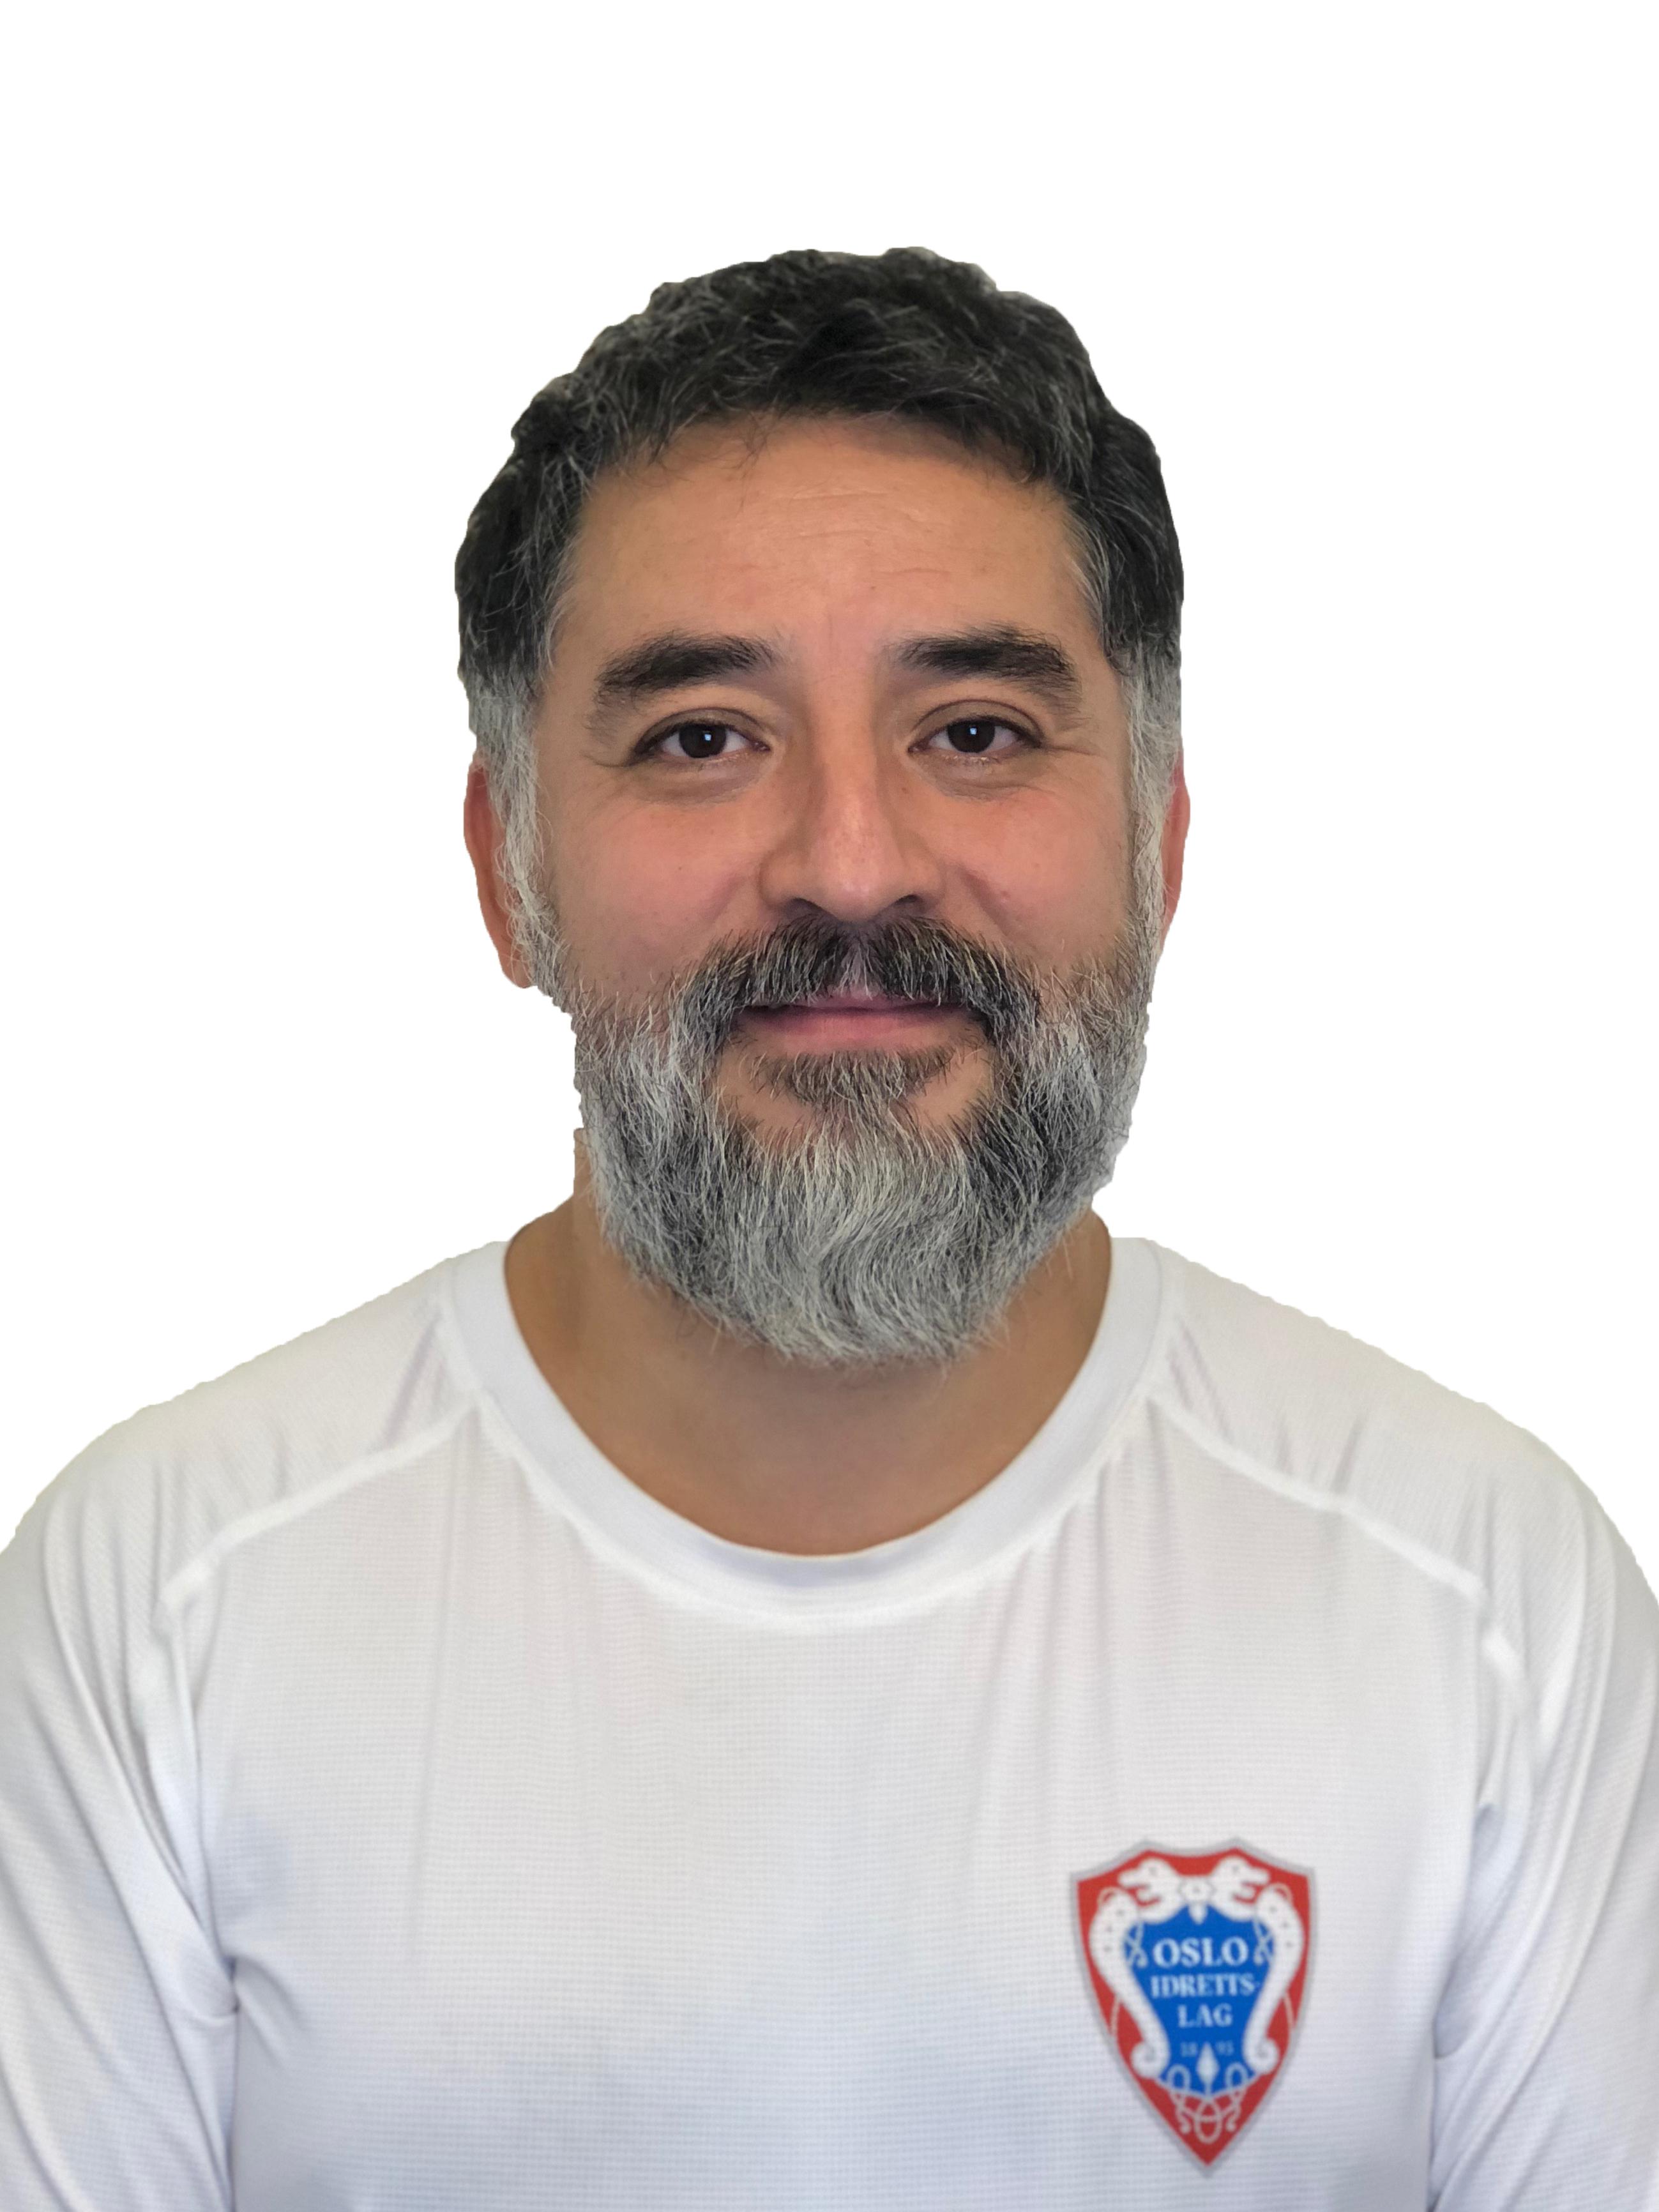 Pietro Mellado